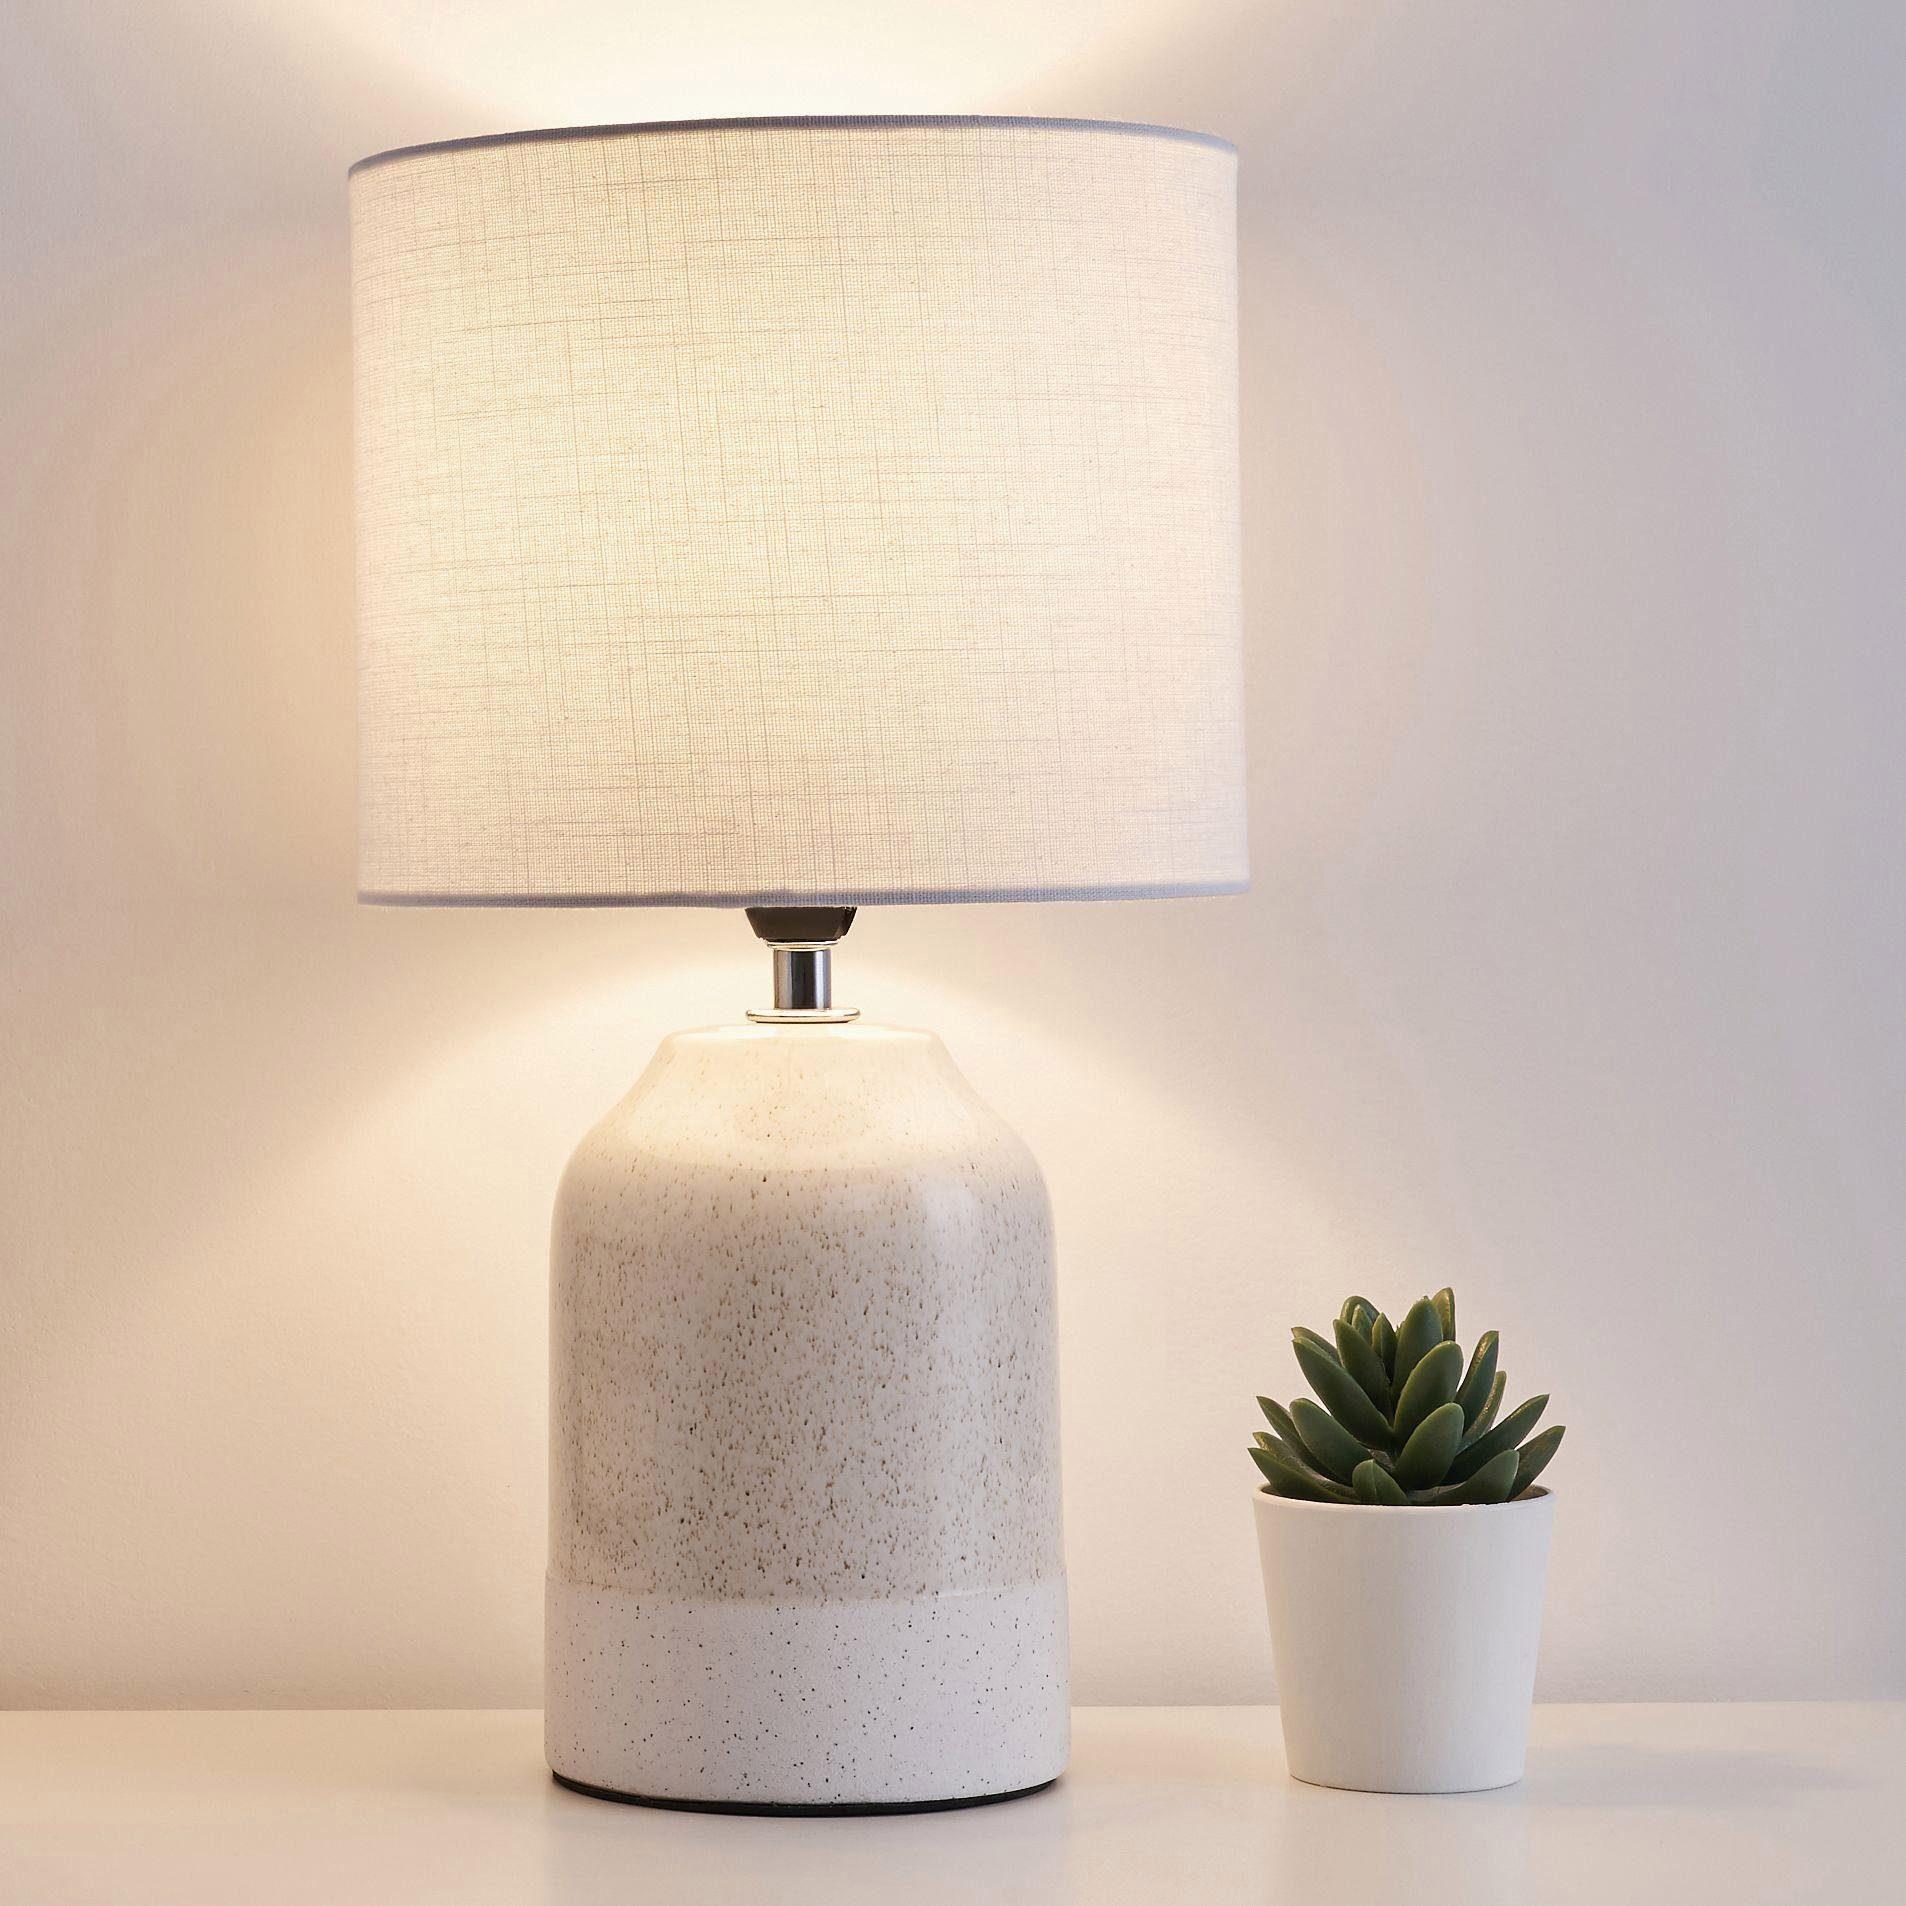 Pauleen Tischleuchte Sandy Glow, E14, Stoffschirm Beige, Weiß, Keramik